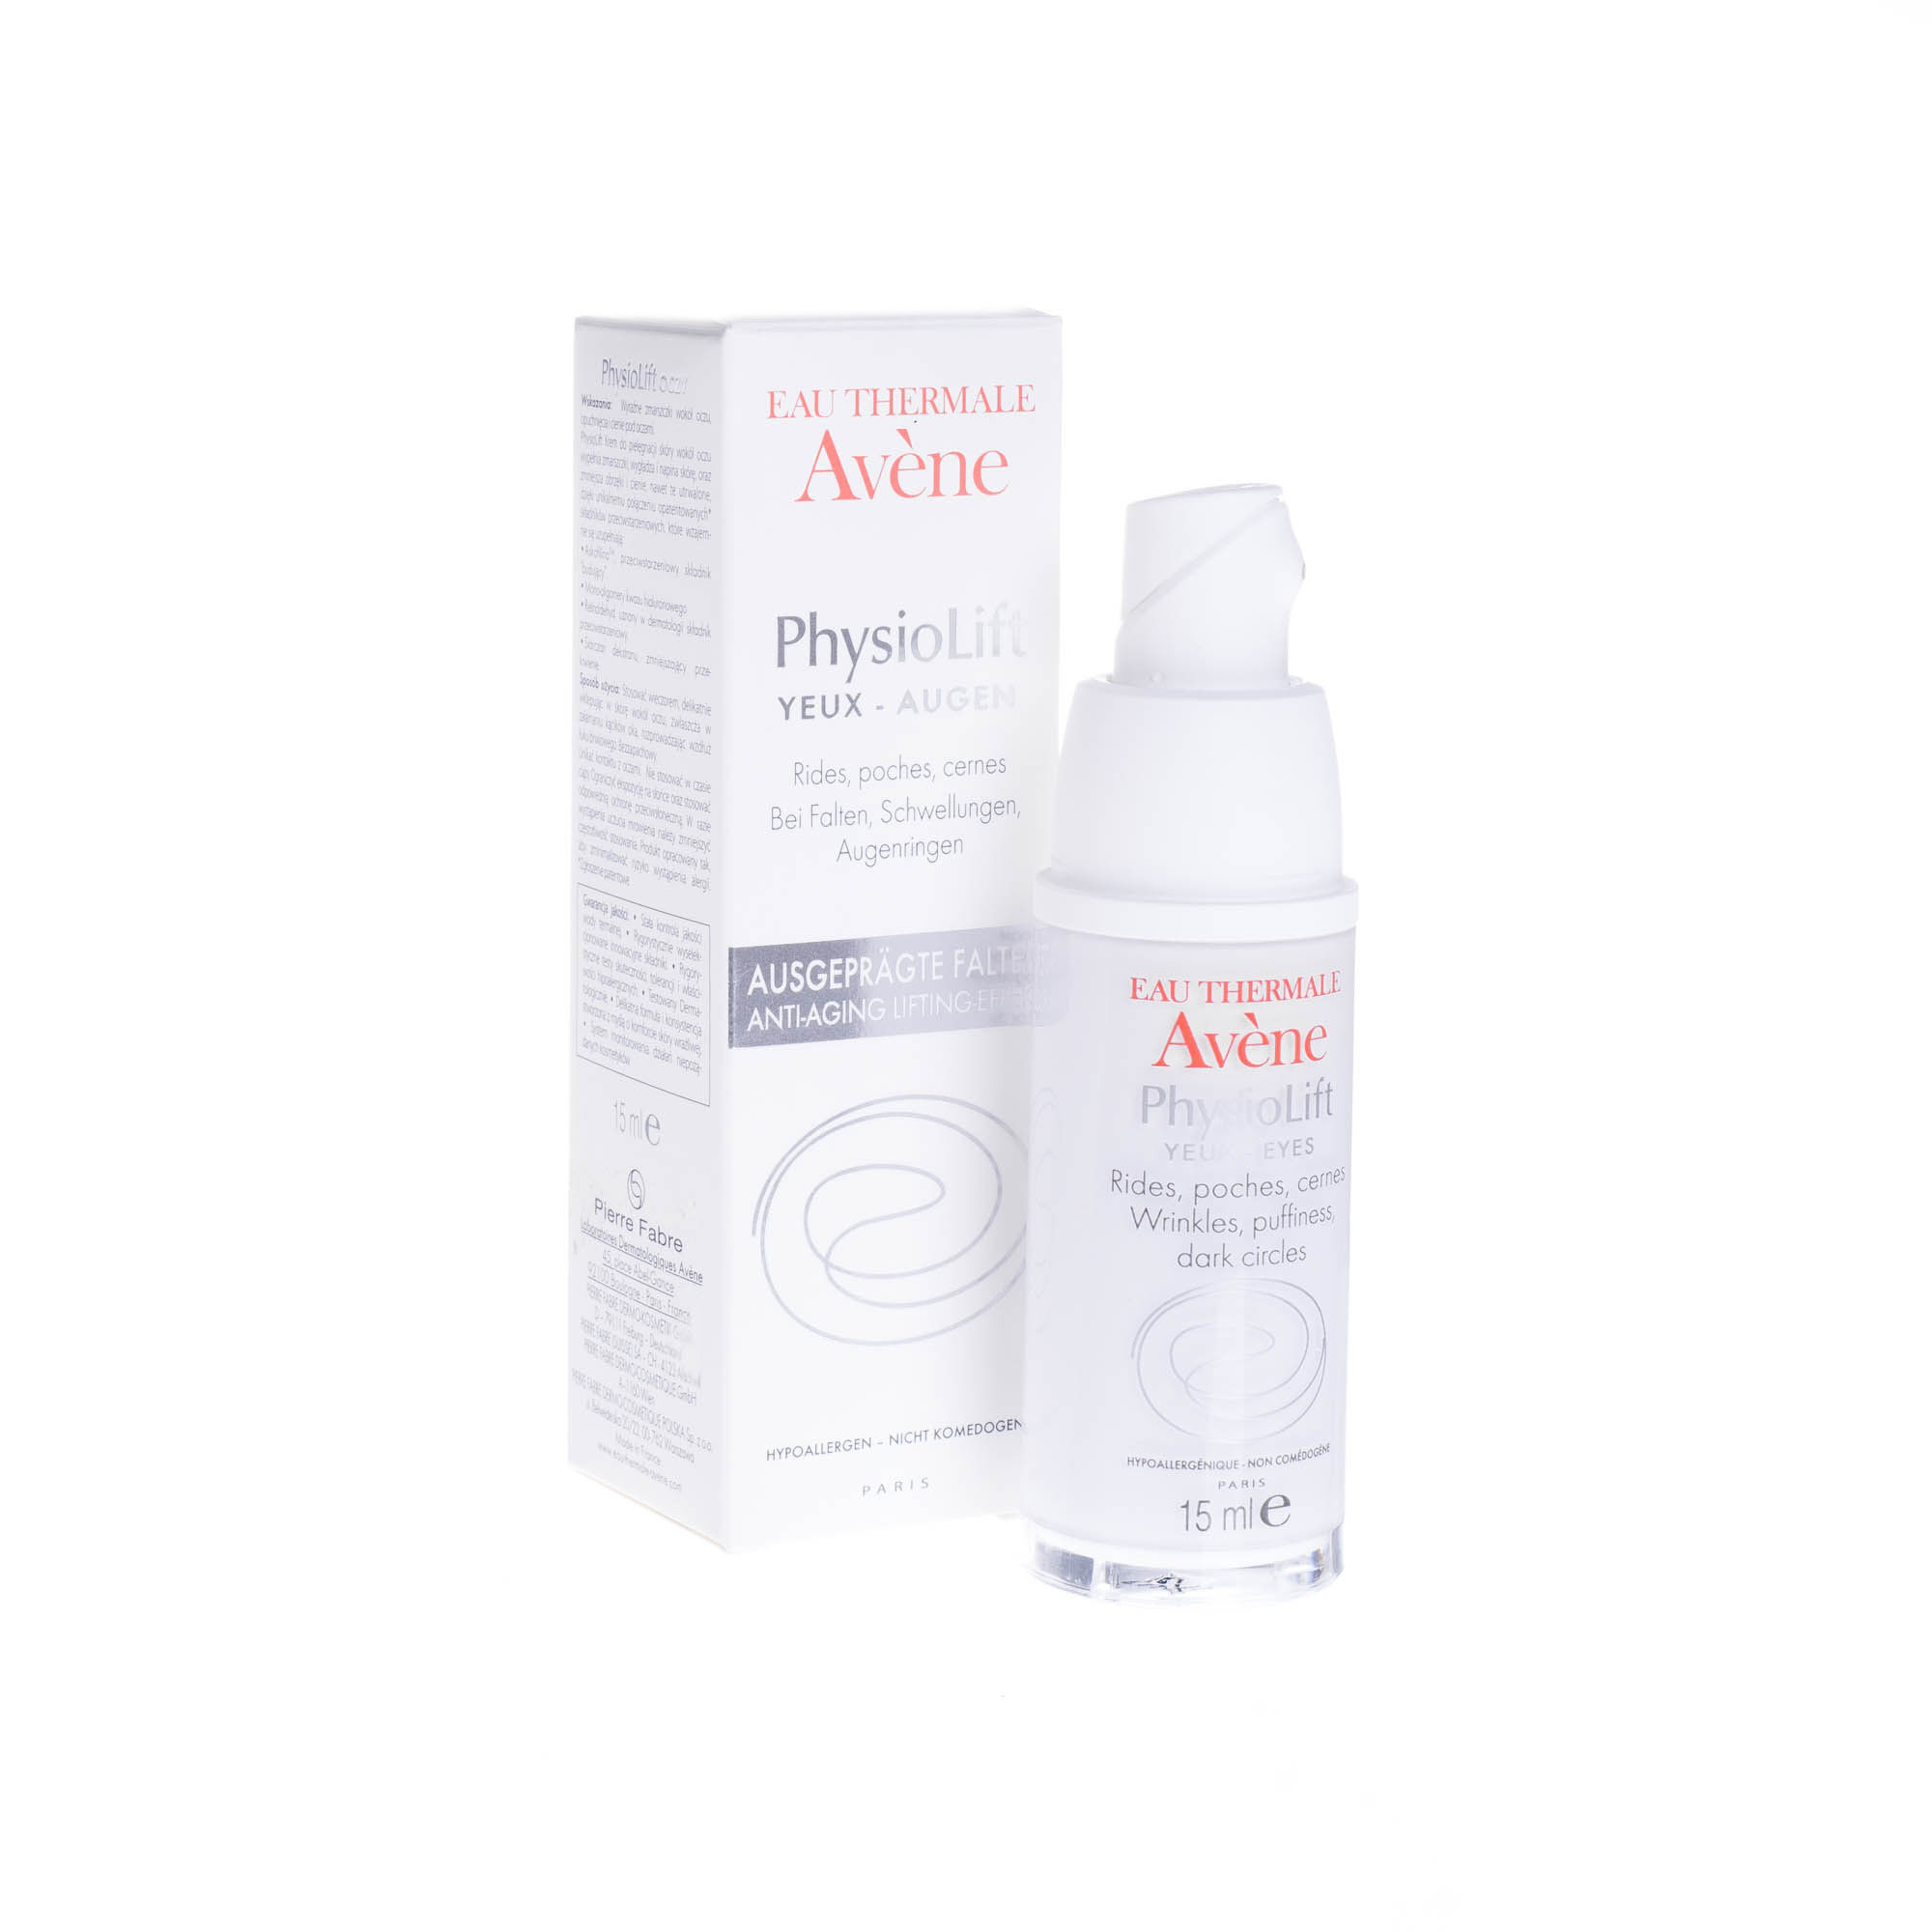 Avene Physiolift, krem do pielęgnacji skóry wokół oczu